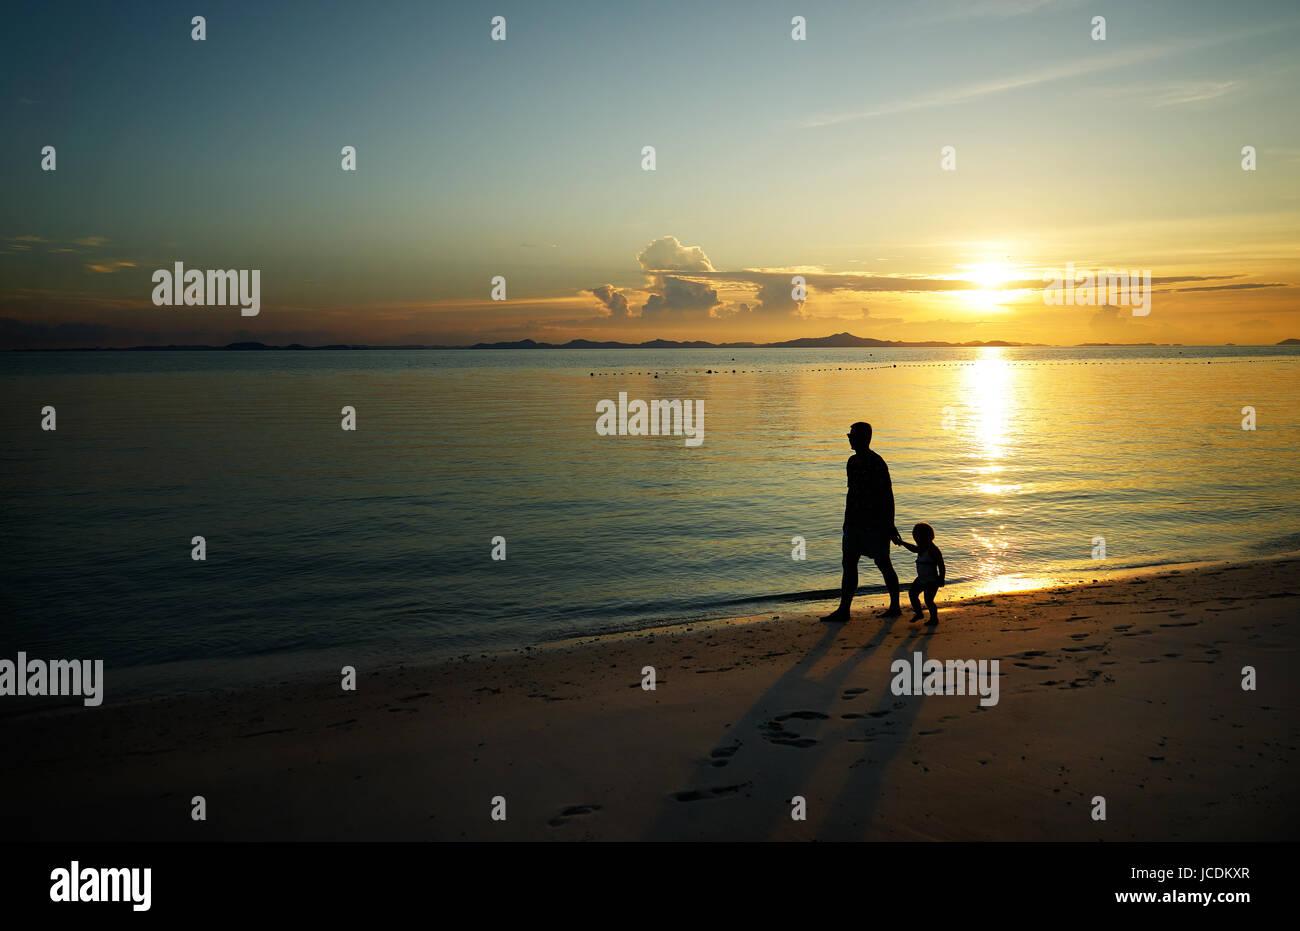 Vater und seinem Kind zu Fuß am sunset Beach, Silhouette Schuss. Stockbild